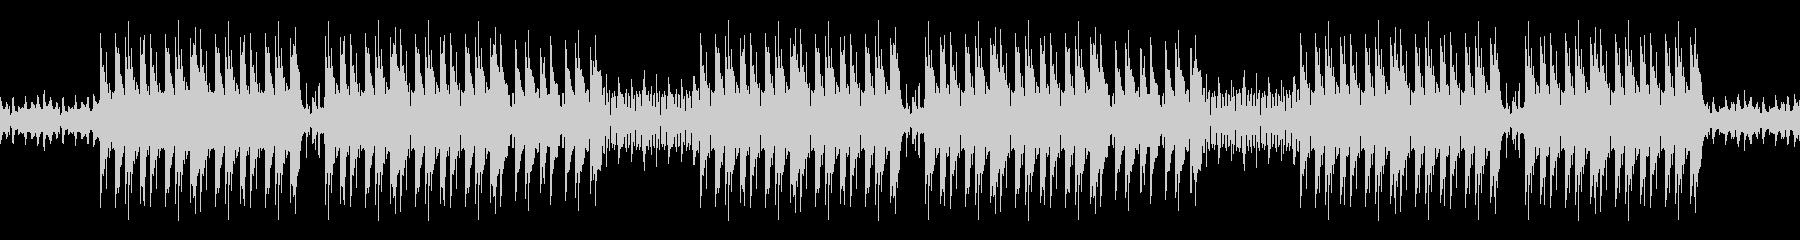 ホラーっぽいピアノトラップビートの未再生の波形